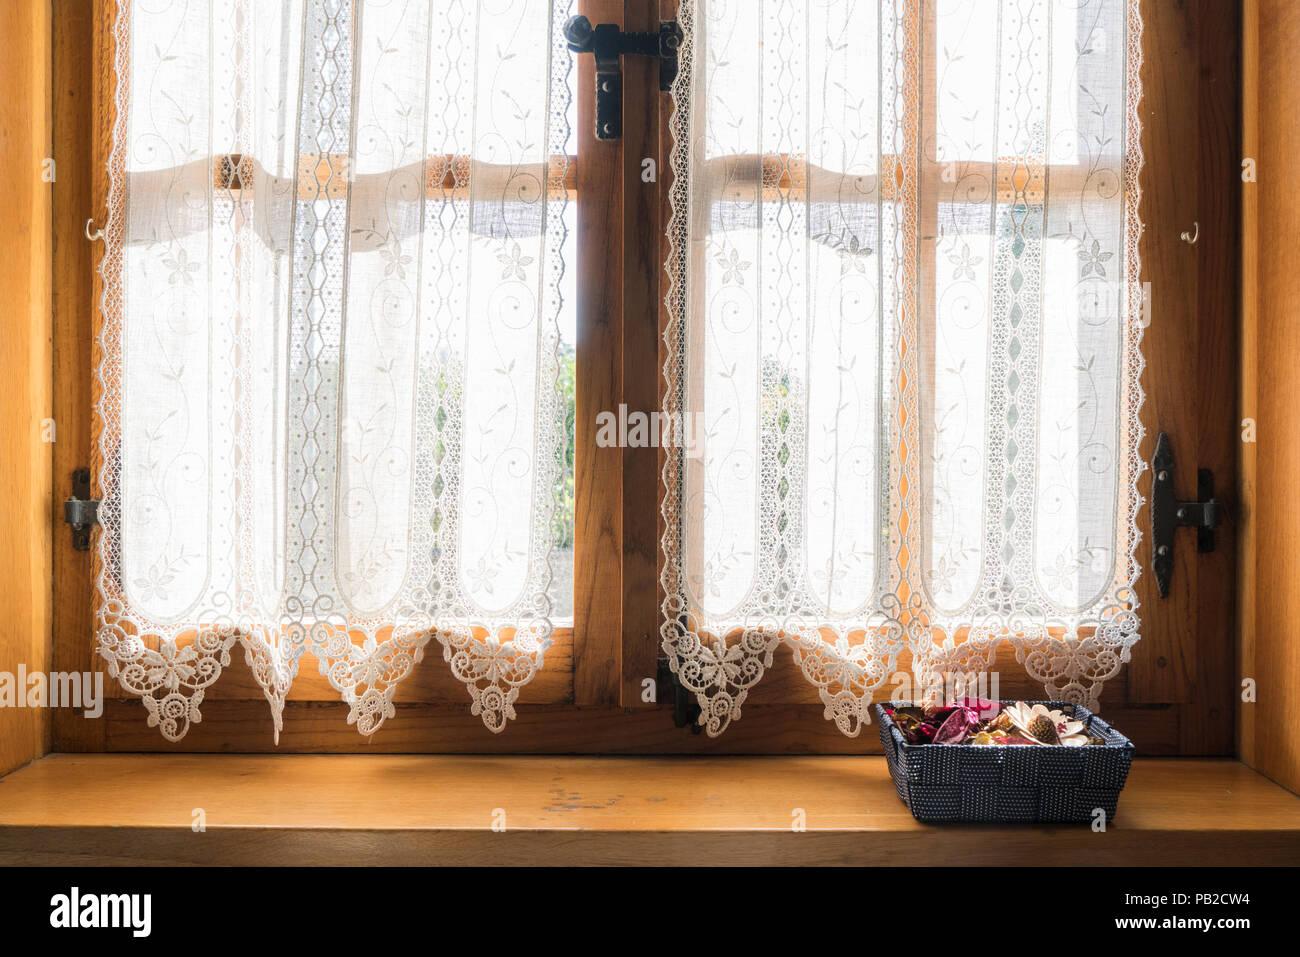 https www alamyimages fr une fenetre en bois avec un rideau brode blanc et un petit panier de fleurs sechees sur le rebord image213339648 html